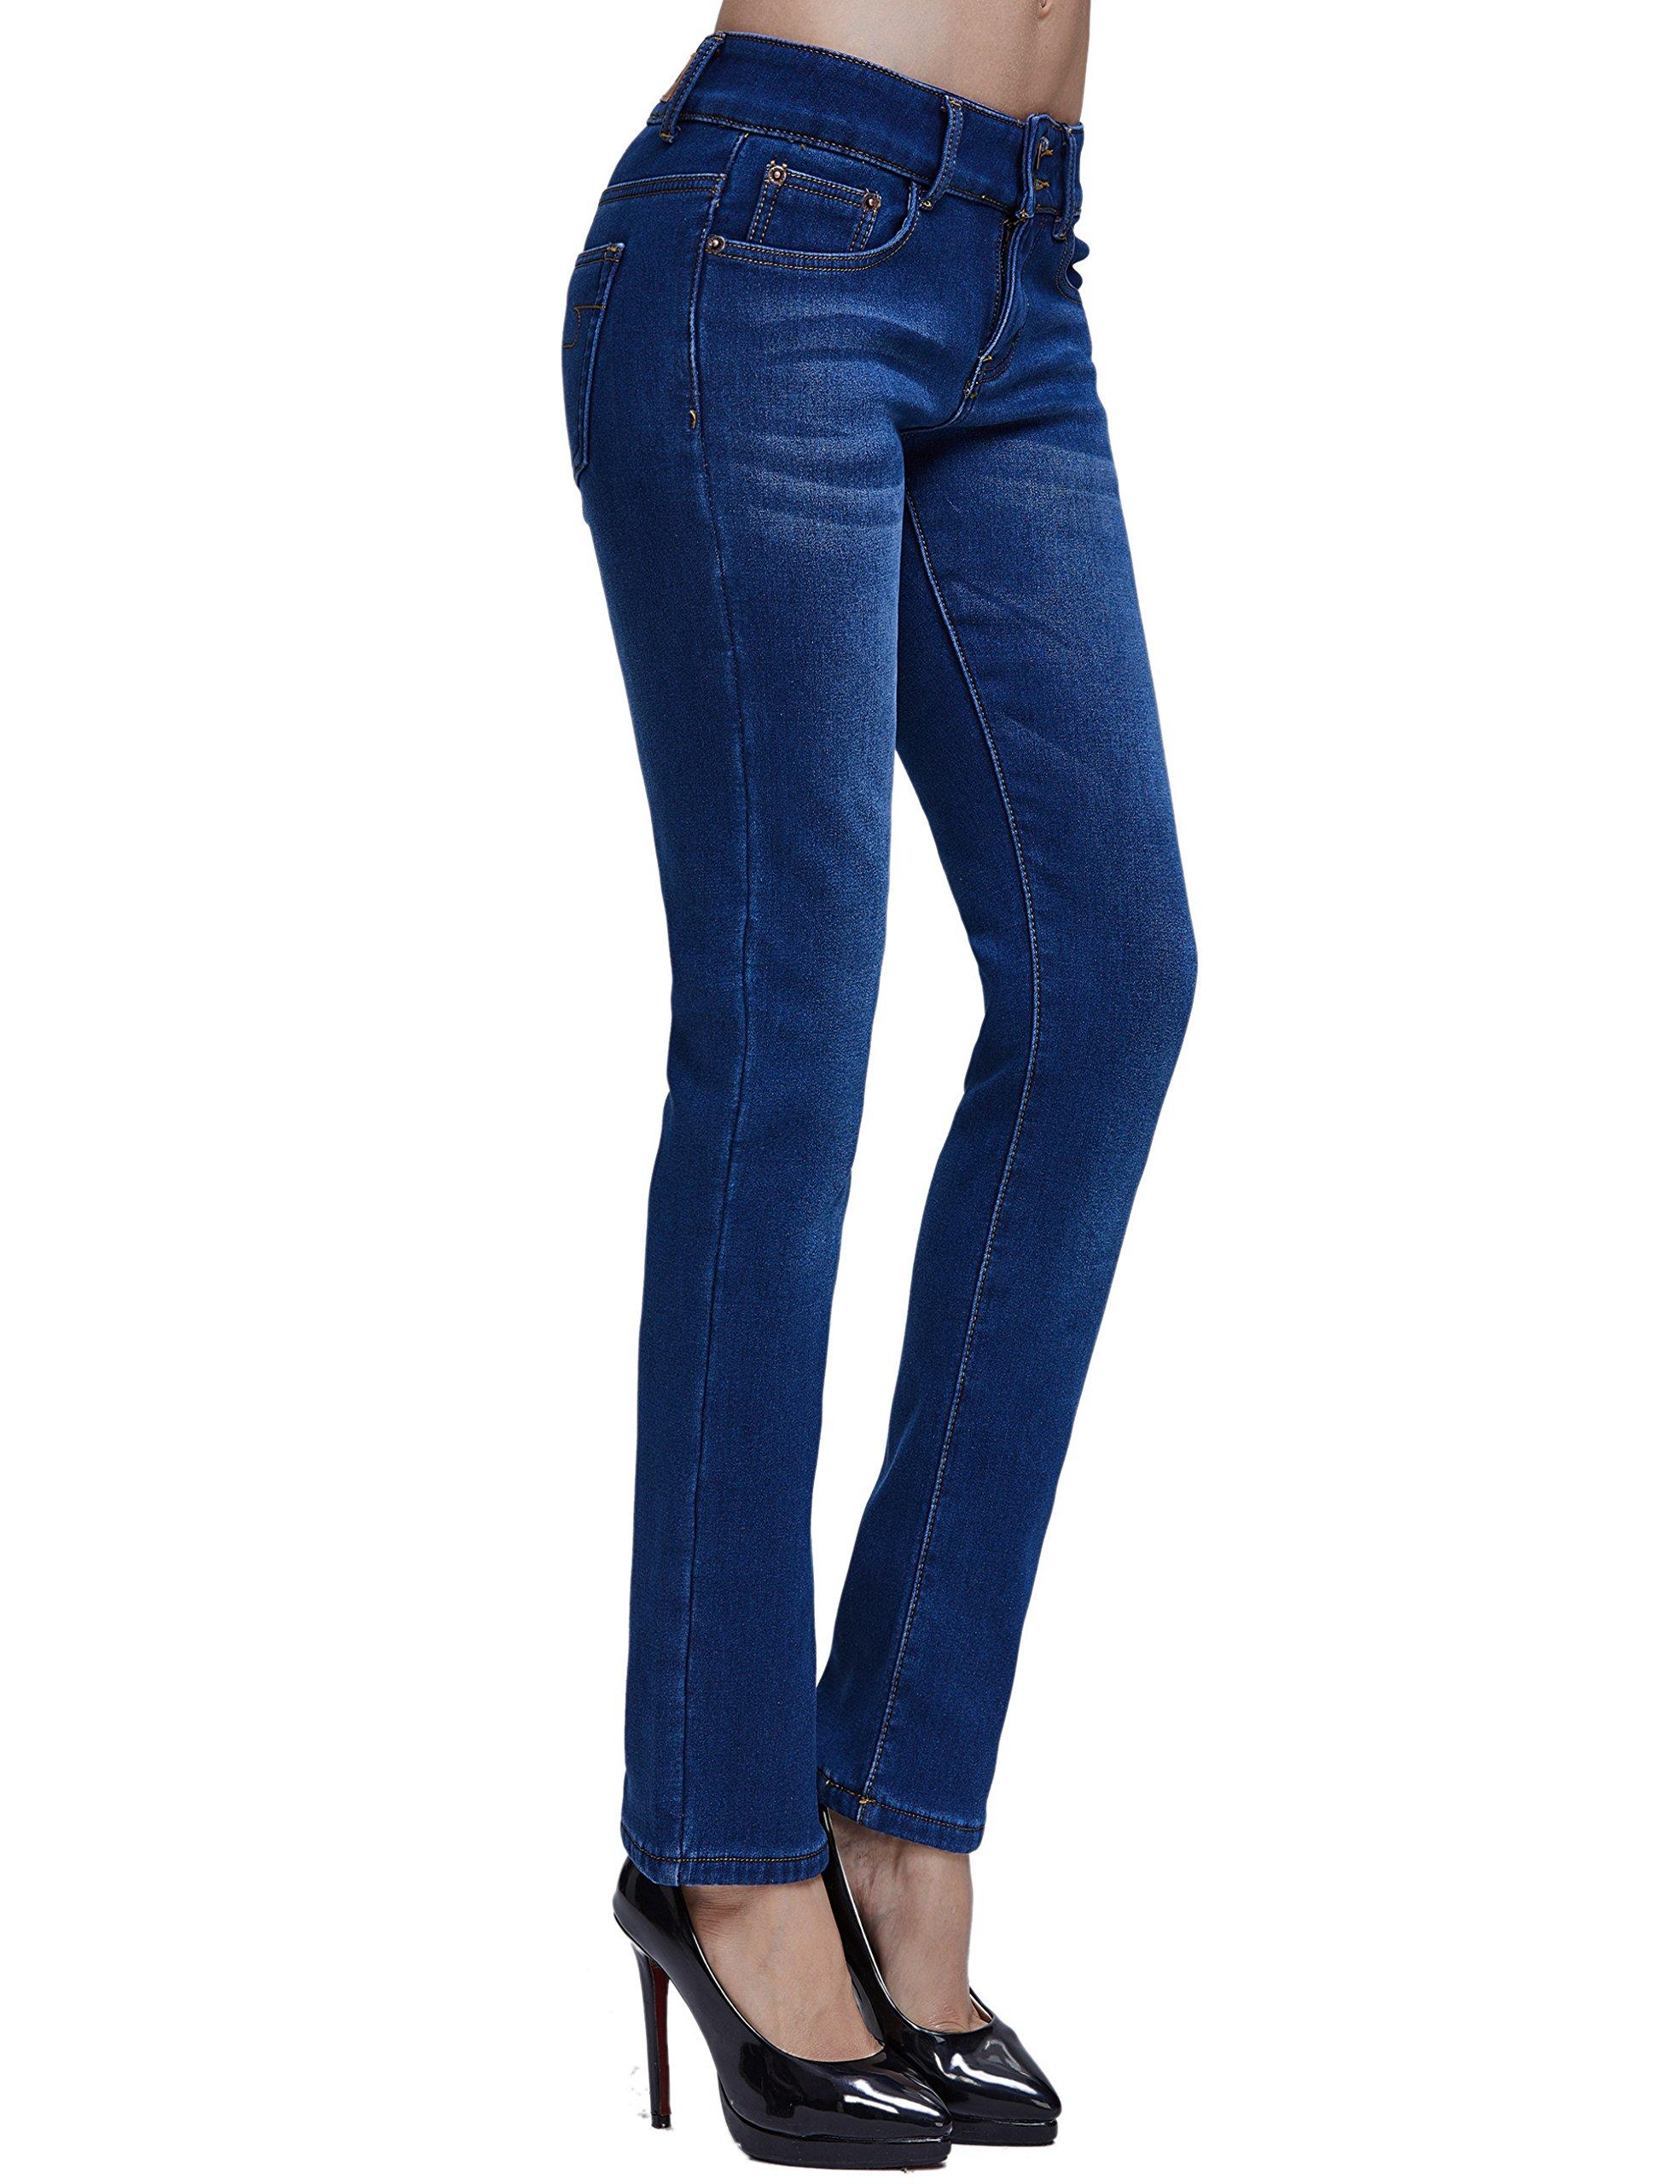 Camii Mia Women's Slim Fit Fleece Lined Jeans (W27 x L30, Blue (New Size)) by Camii Mia (Image #3)